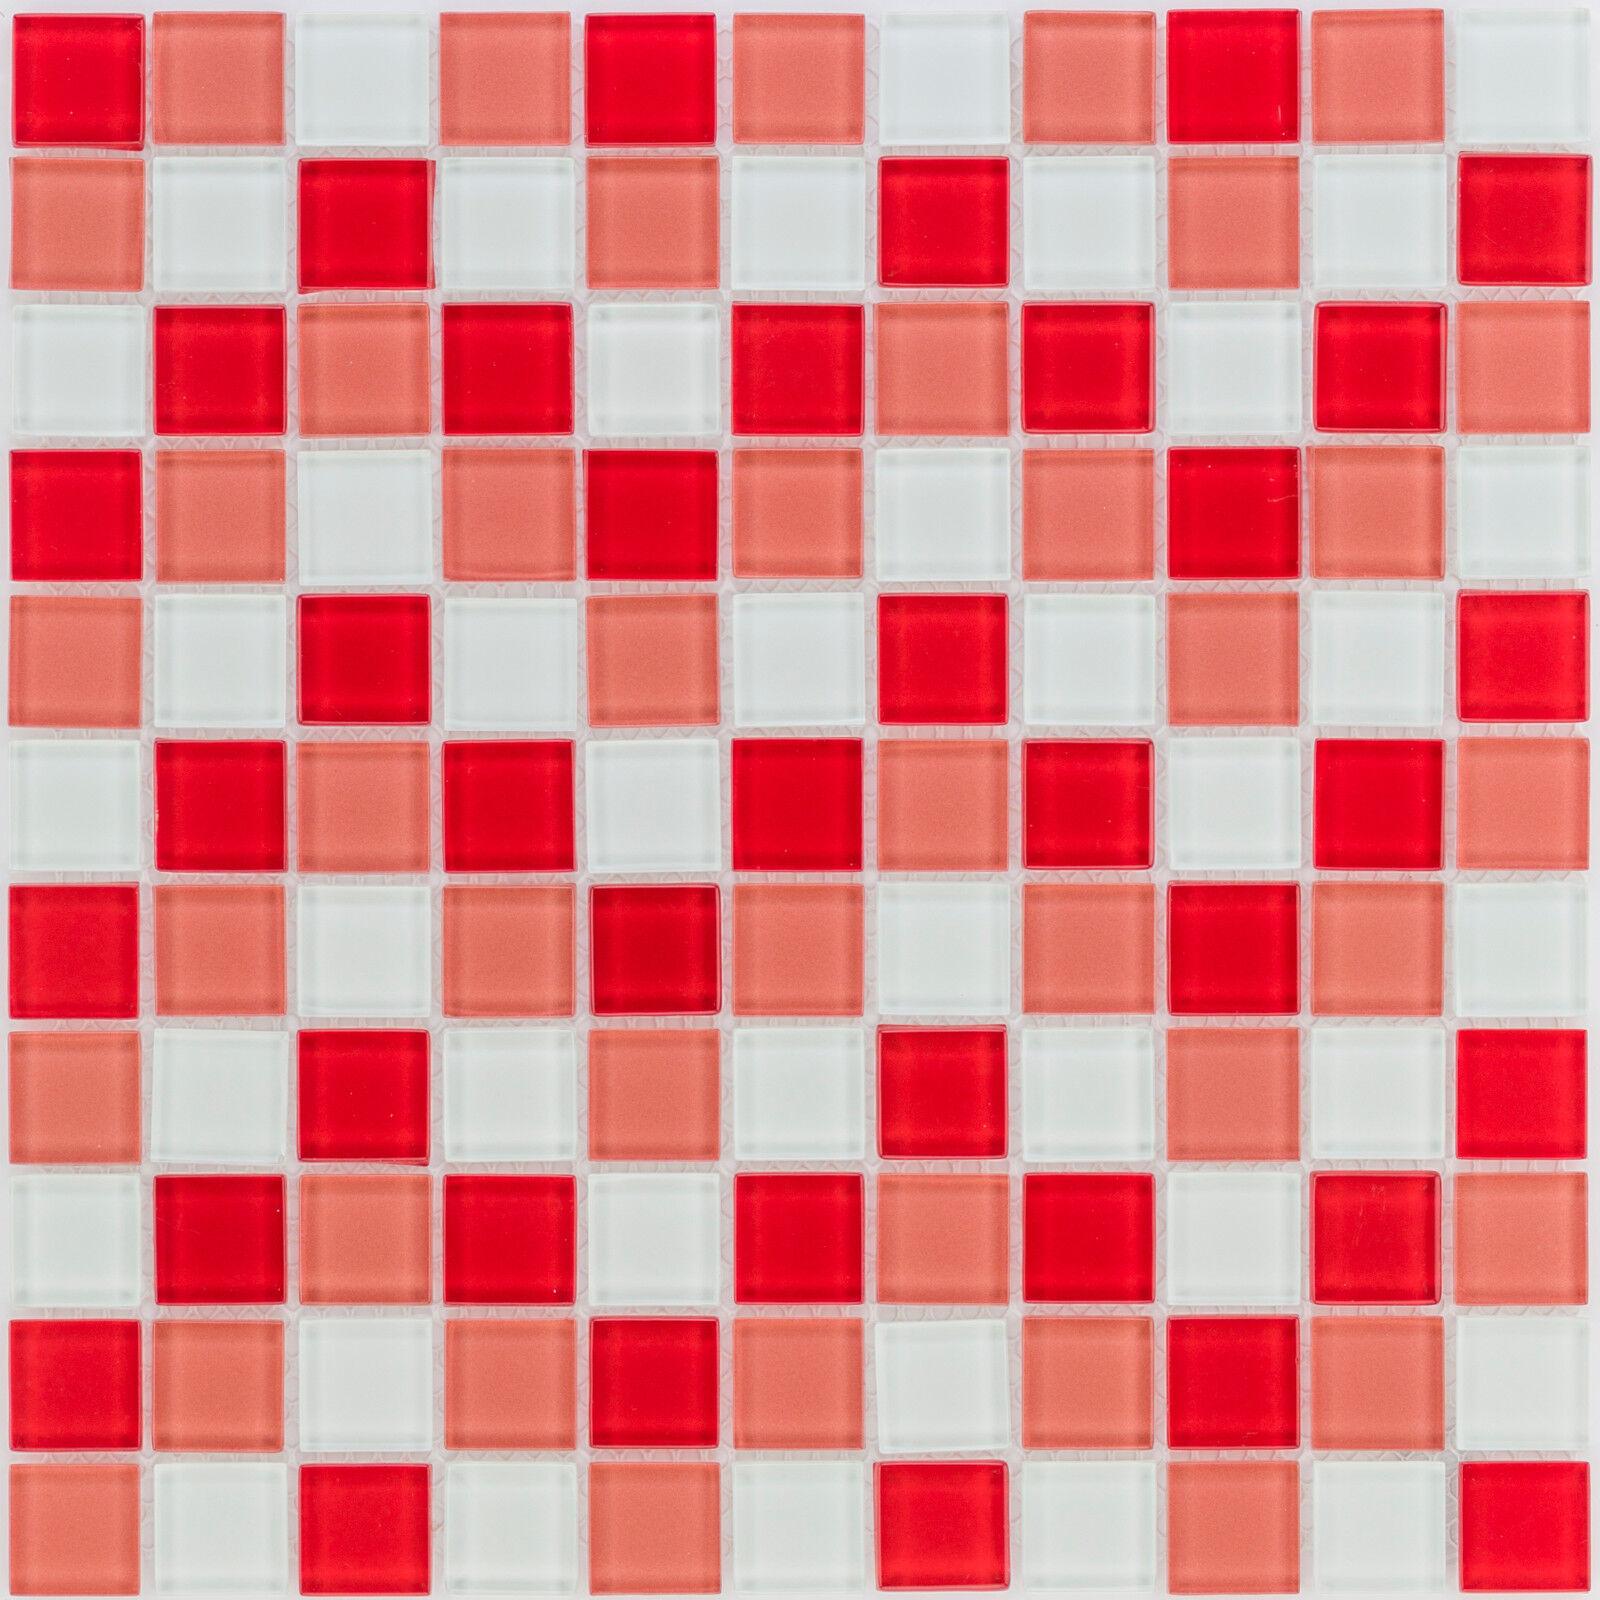 Glasmosaik Fliesen rot weiß Wand Dusche WC Küche  10 Matten  ES-53216 _f